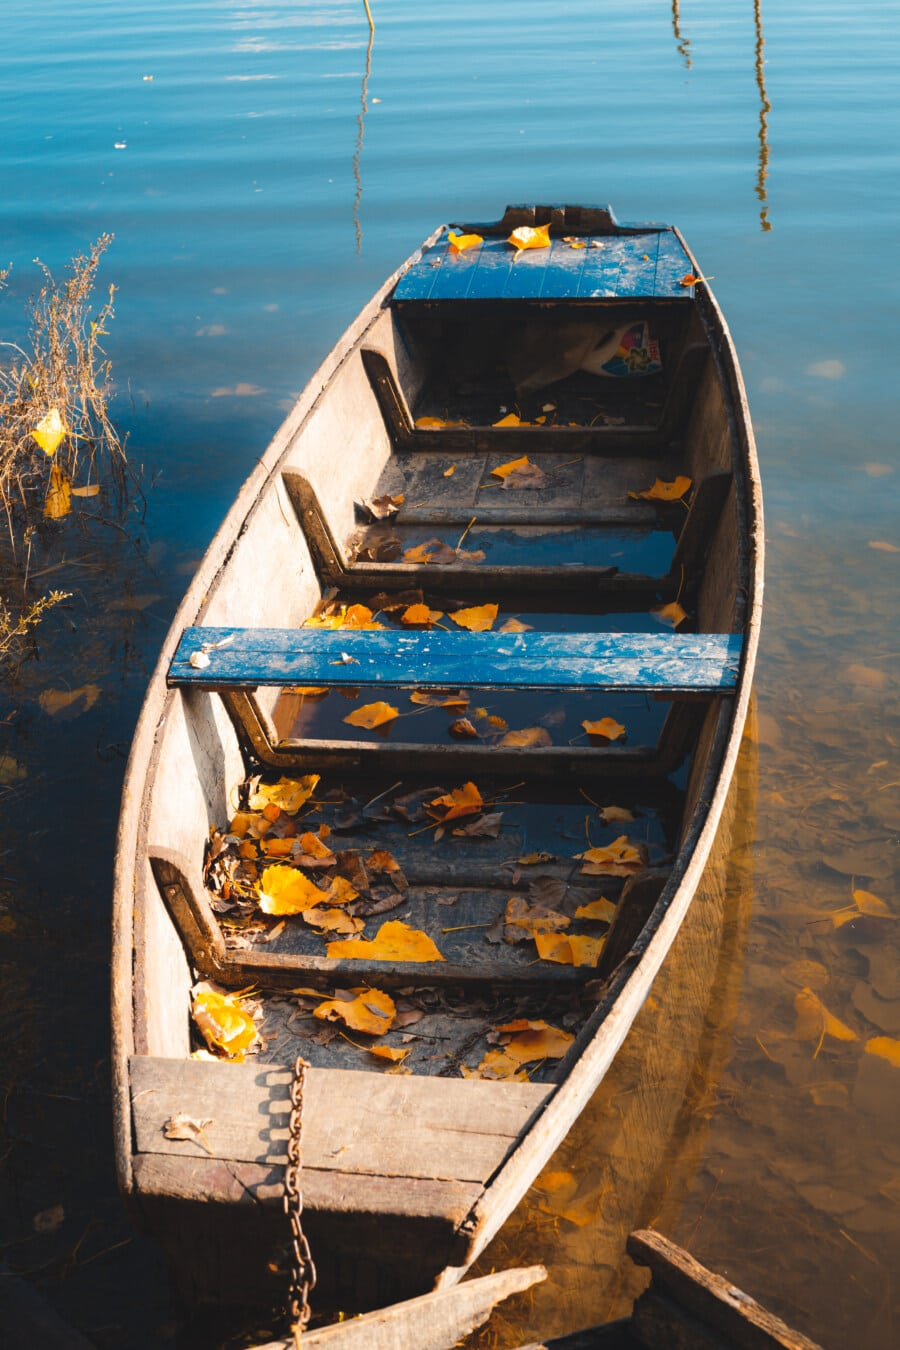 Boot, Herbstsaison, Flussschiff, gelbe Blätter, Wasser, Holz, Wasserfahrzeuge, Sommer, Natur, Angelboot/Fischerboot